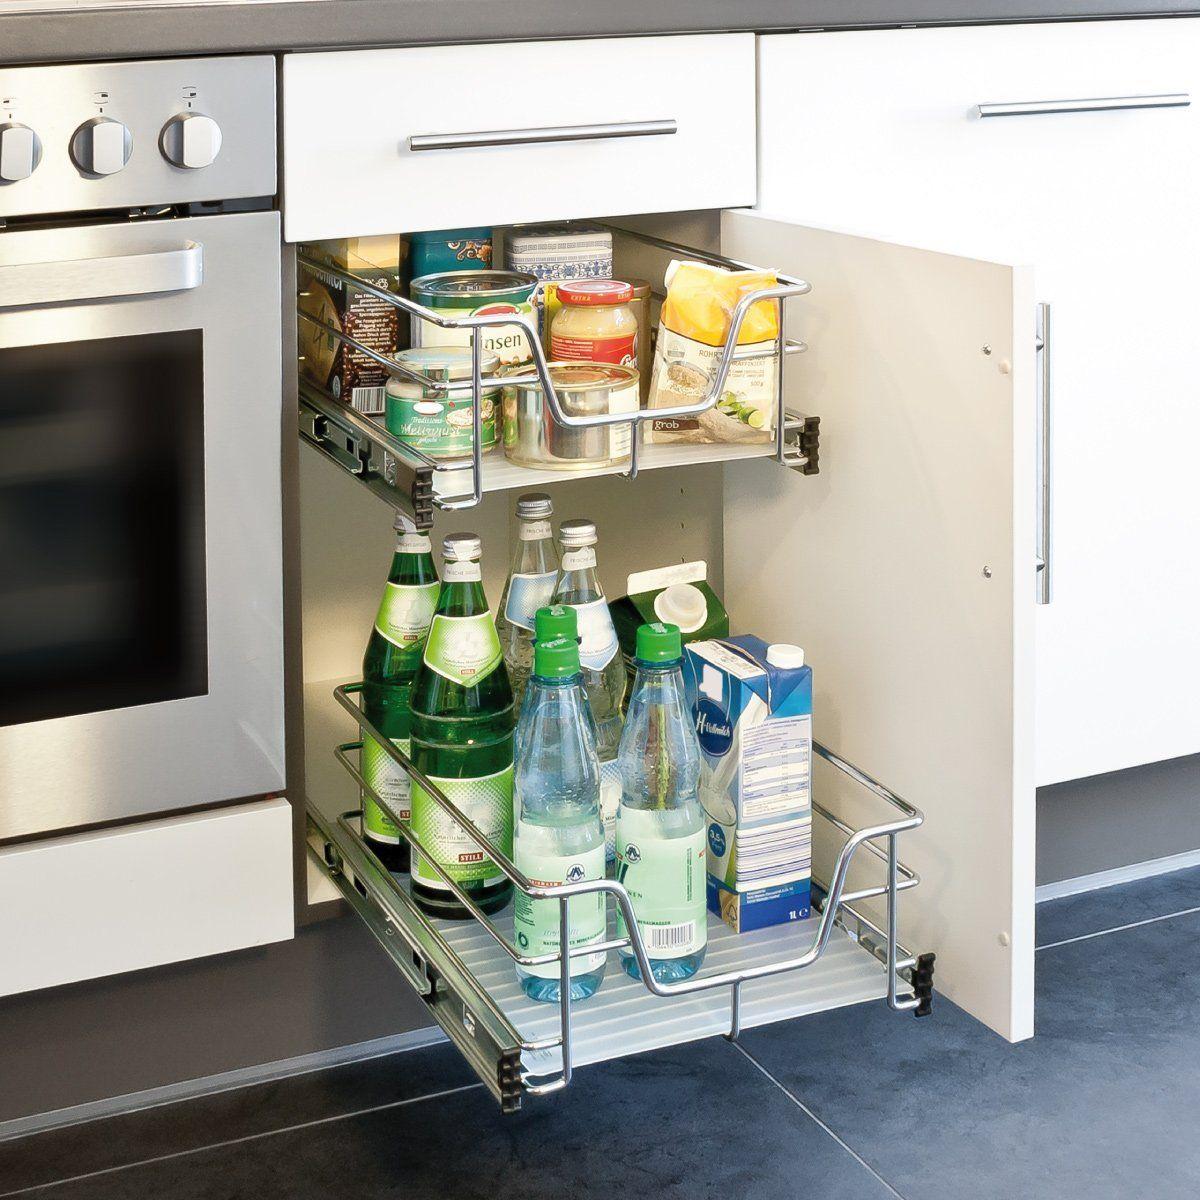 Einfach nur praktisch um Ordnung in die Küchenschränke zu bekommen ...